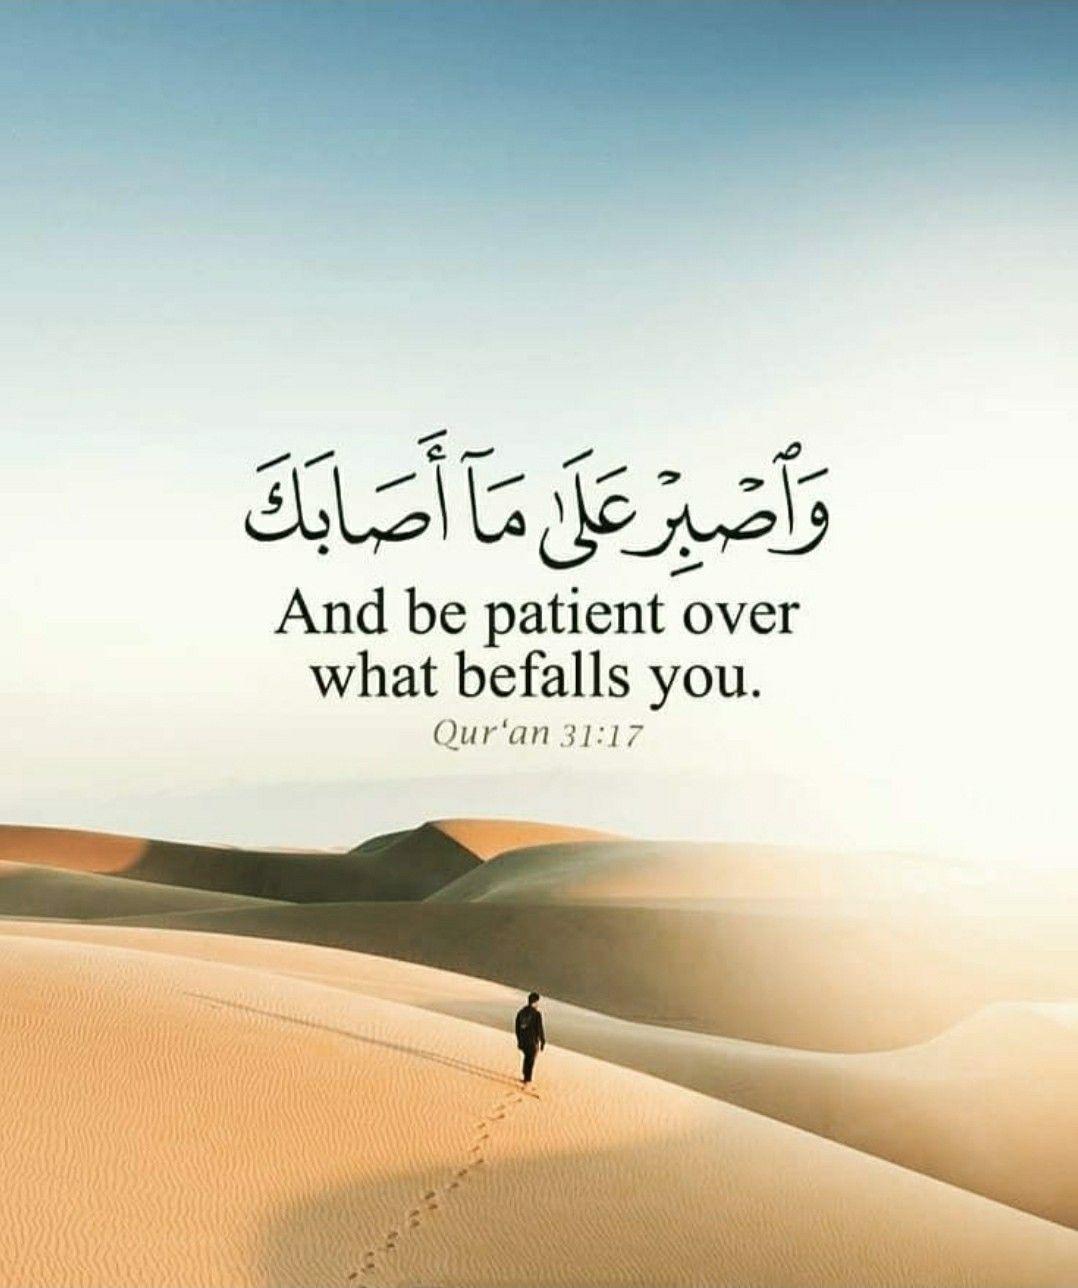 Pin By The Noble Quran On Allah God Islam Heaven Quran Miracles Prophets Islamic Posts Hadith Prayer Macca Makhah Salah Reminder Jannah Hijab Islamic Quotes Quran Quran Islamic Quotes